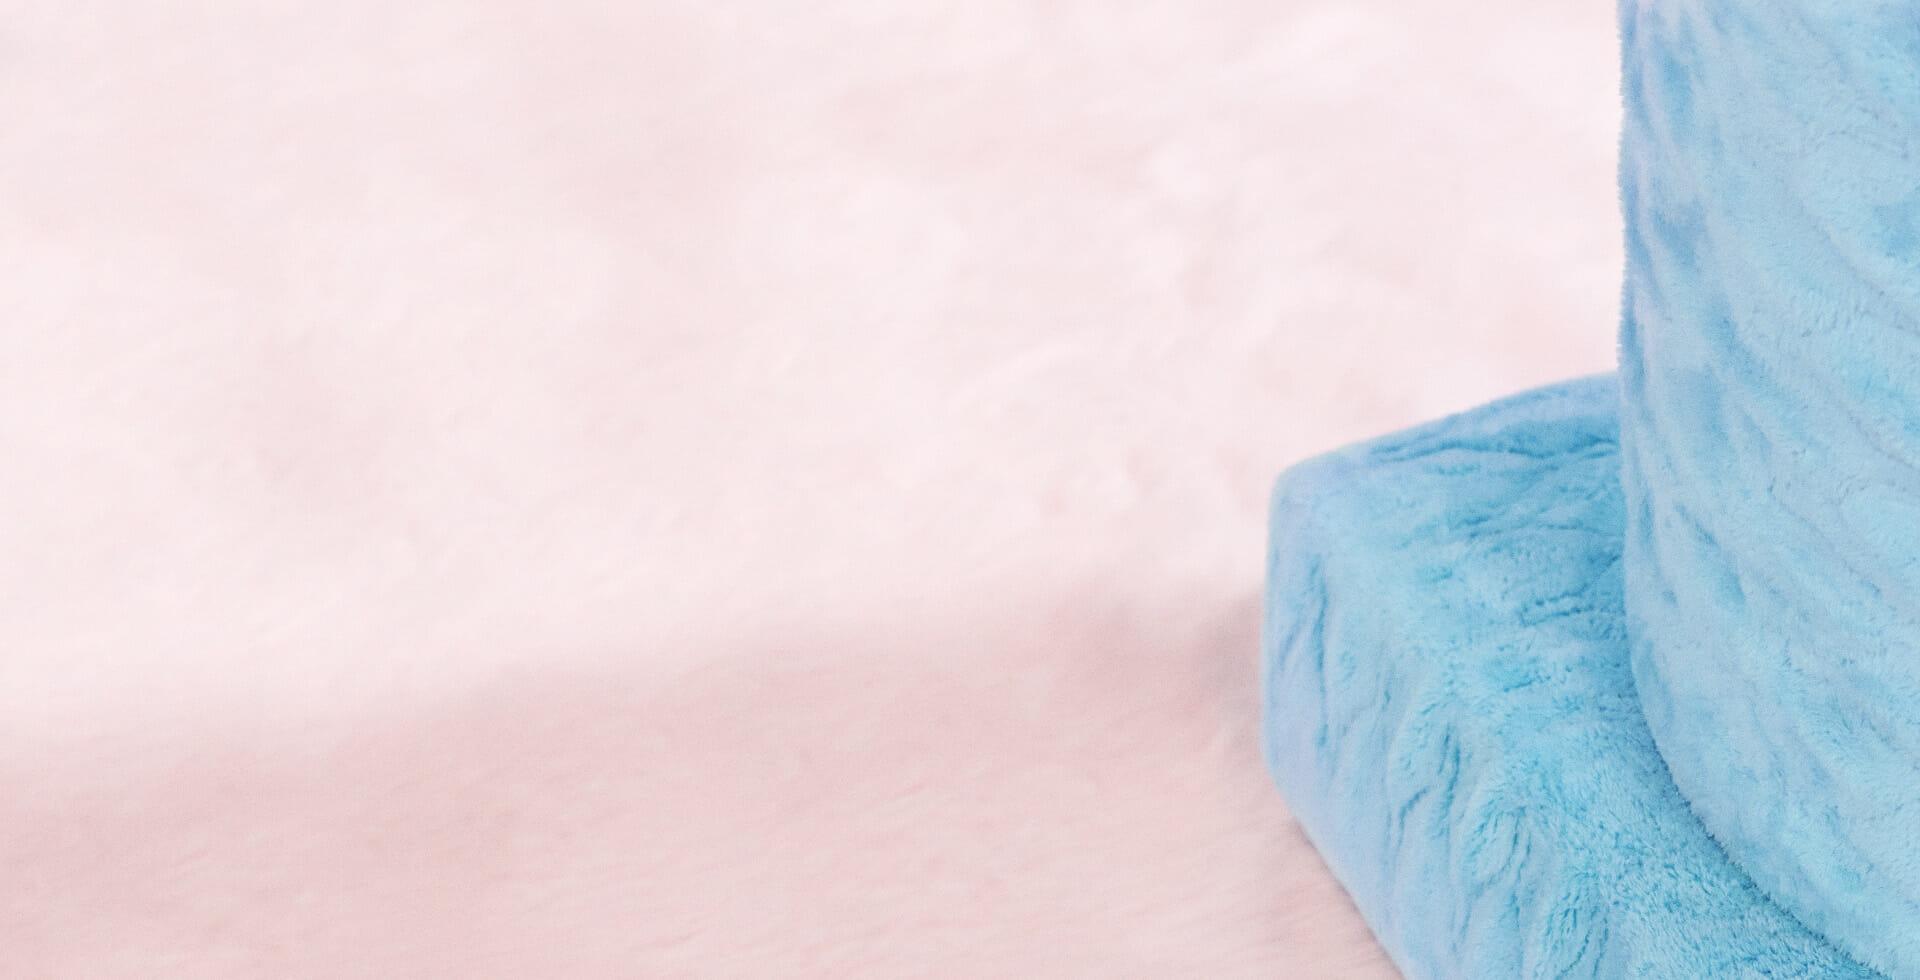 Vaaleanpunainen karvamatto ja vaalean sininen pehmeä pylväs